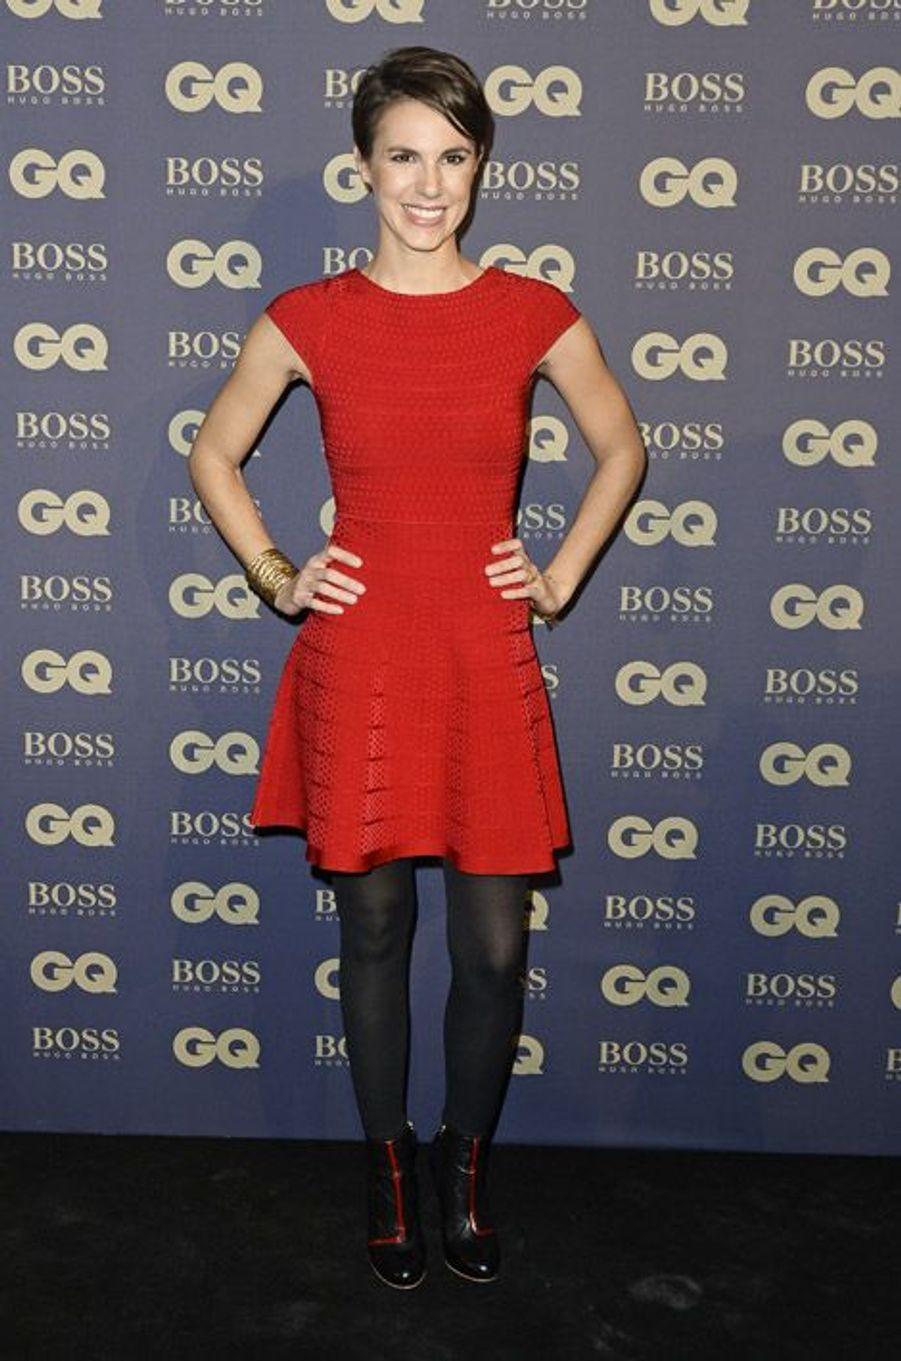 """La journaliste Emilie Besse à la soirée Homme de l'année 2014 organisée par le magazine """"GQ"""" à Paris, le 19 novembre 2014"""